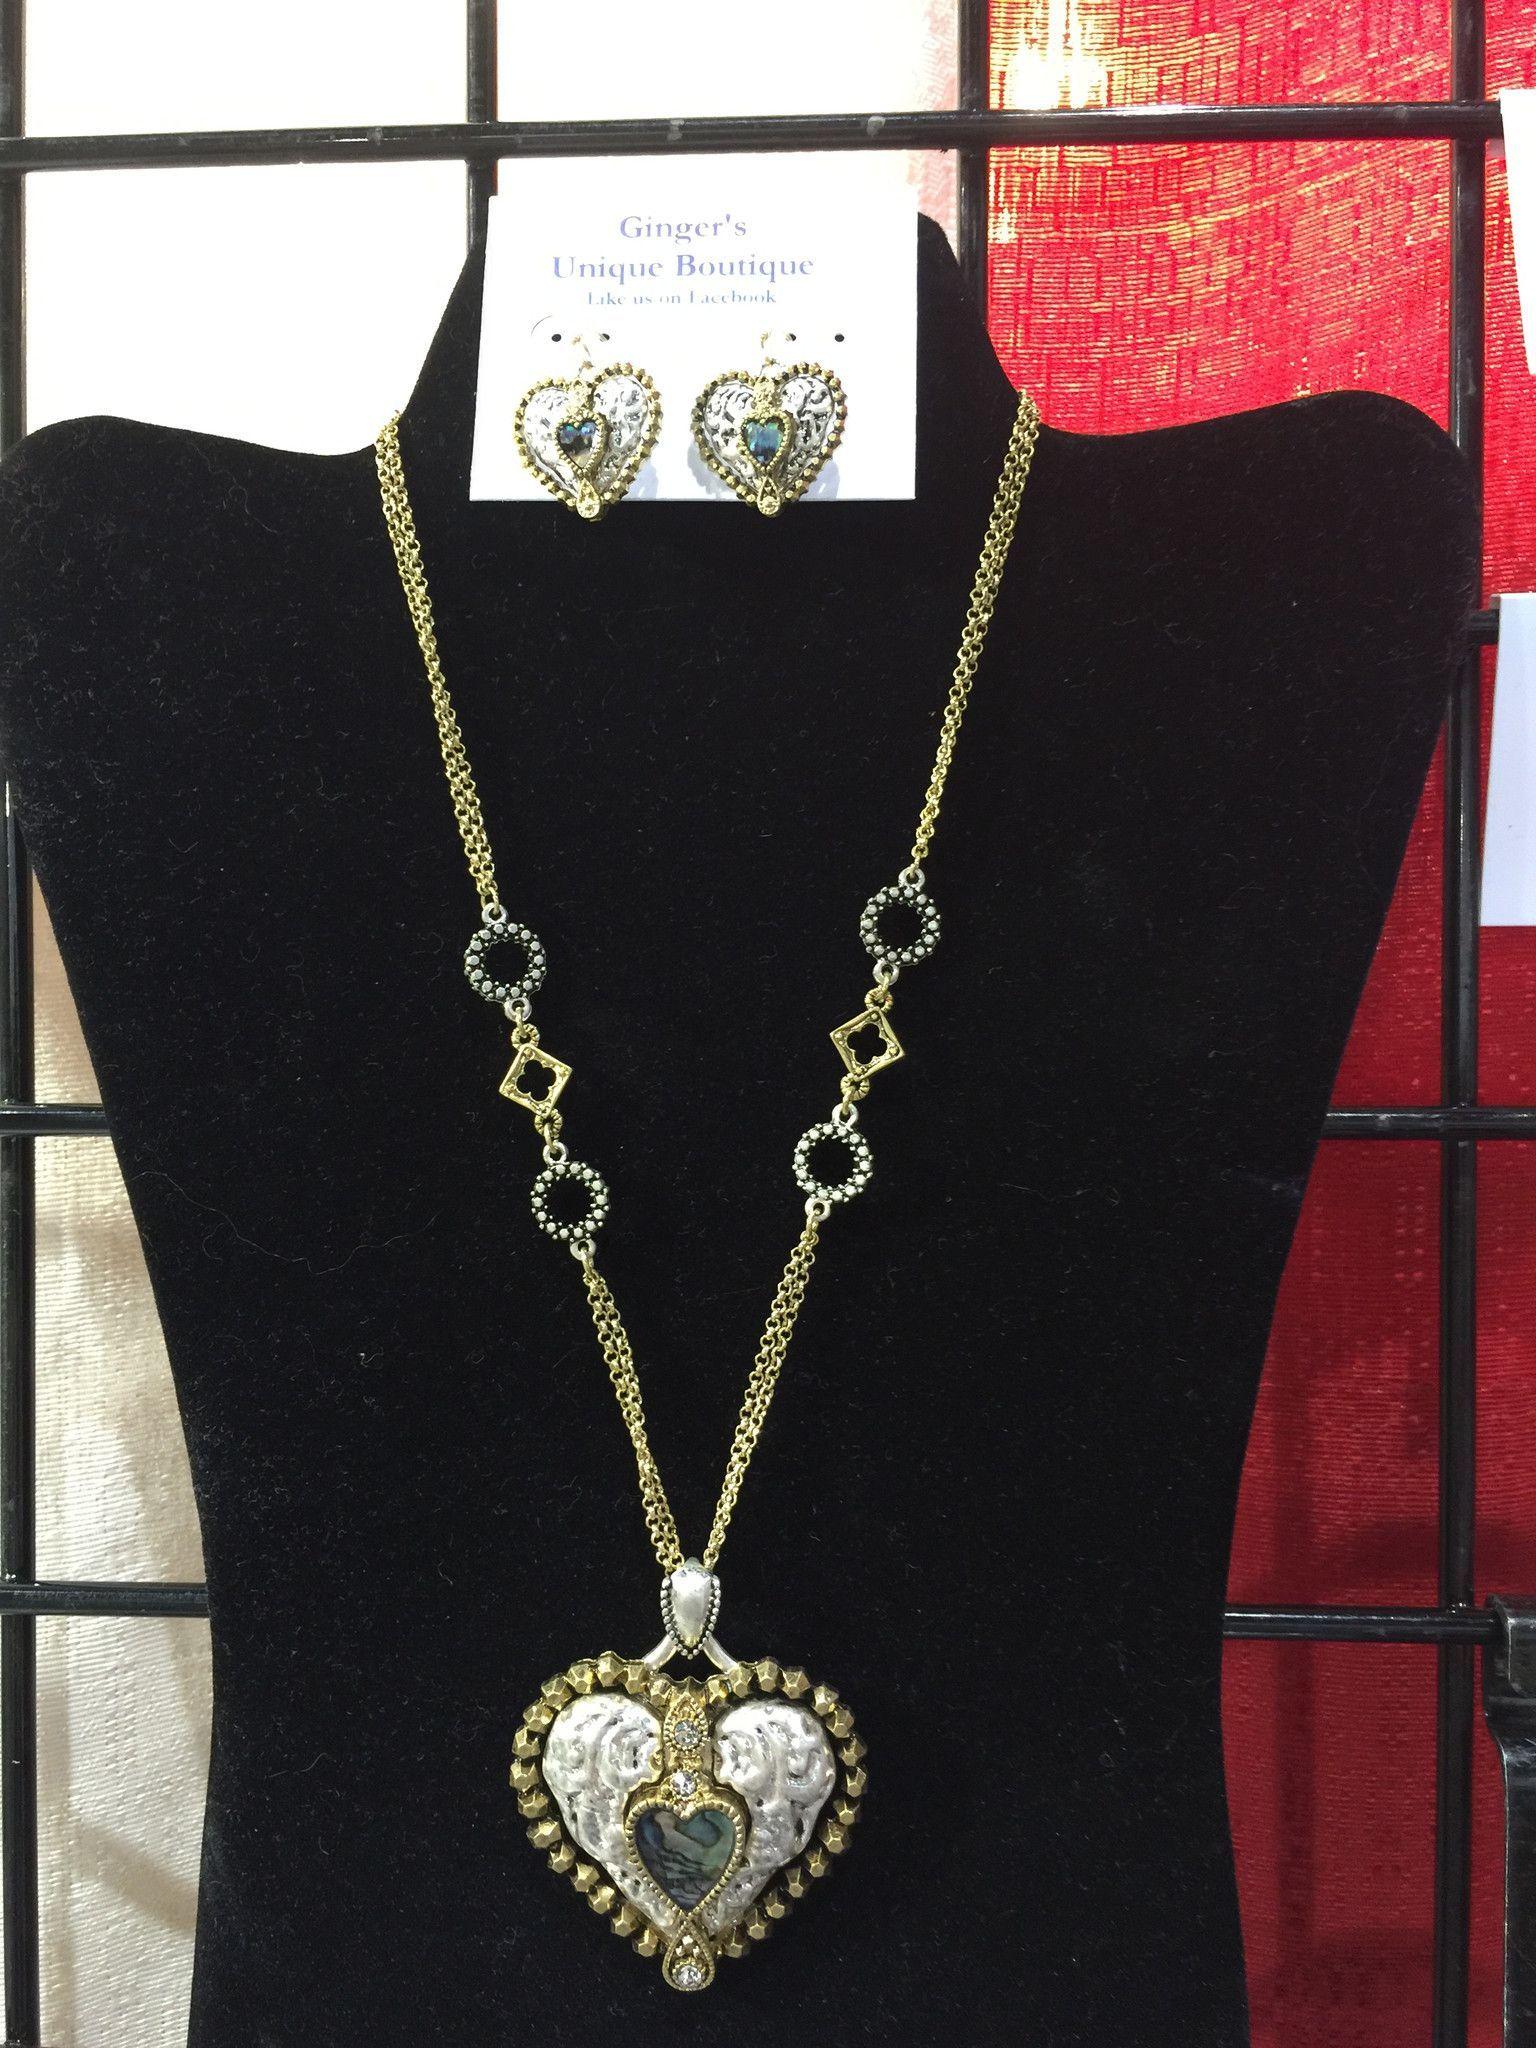 Heart necklace set gingers unique boutique gingersunique